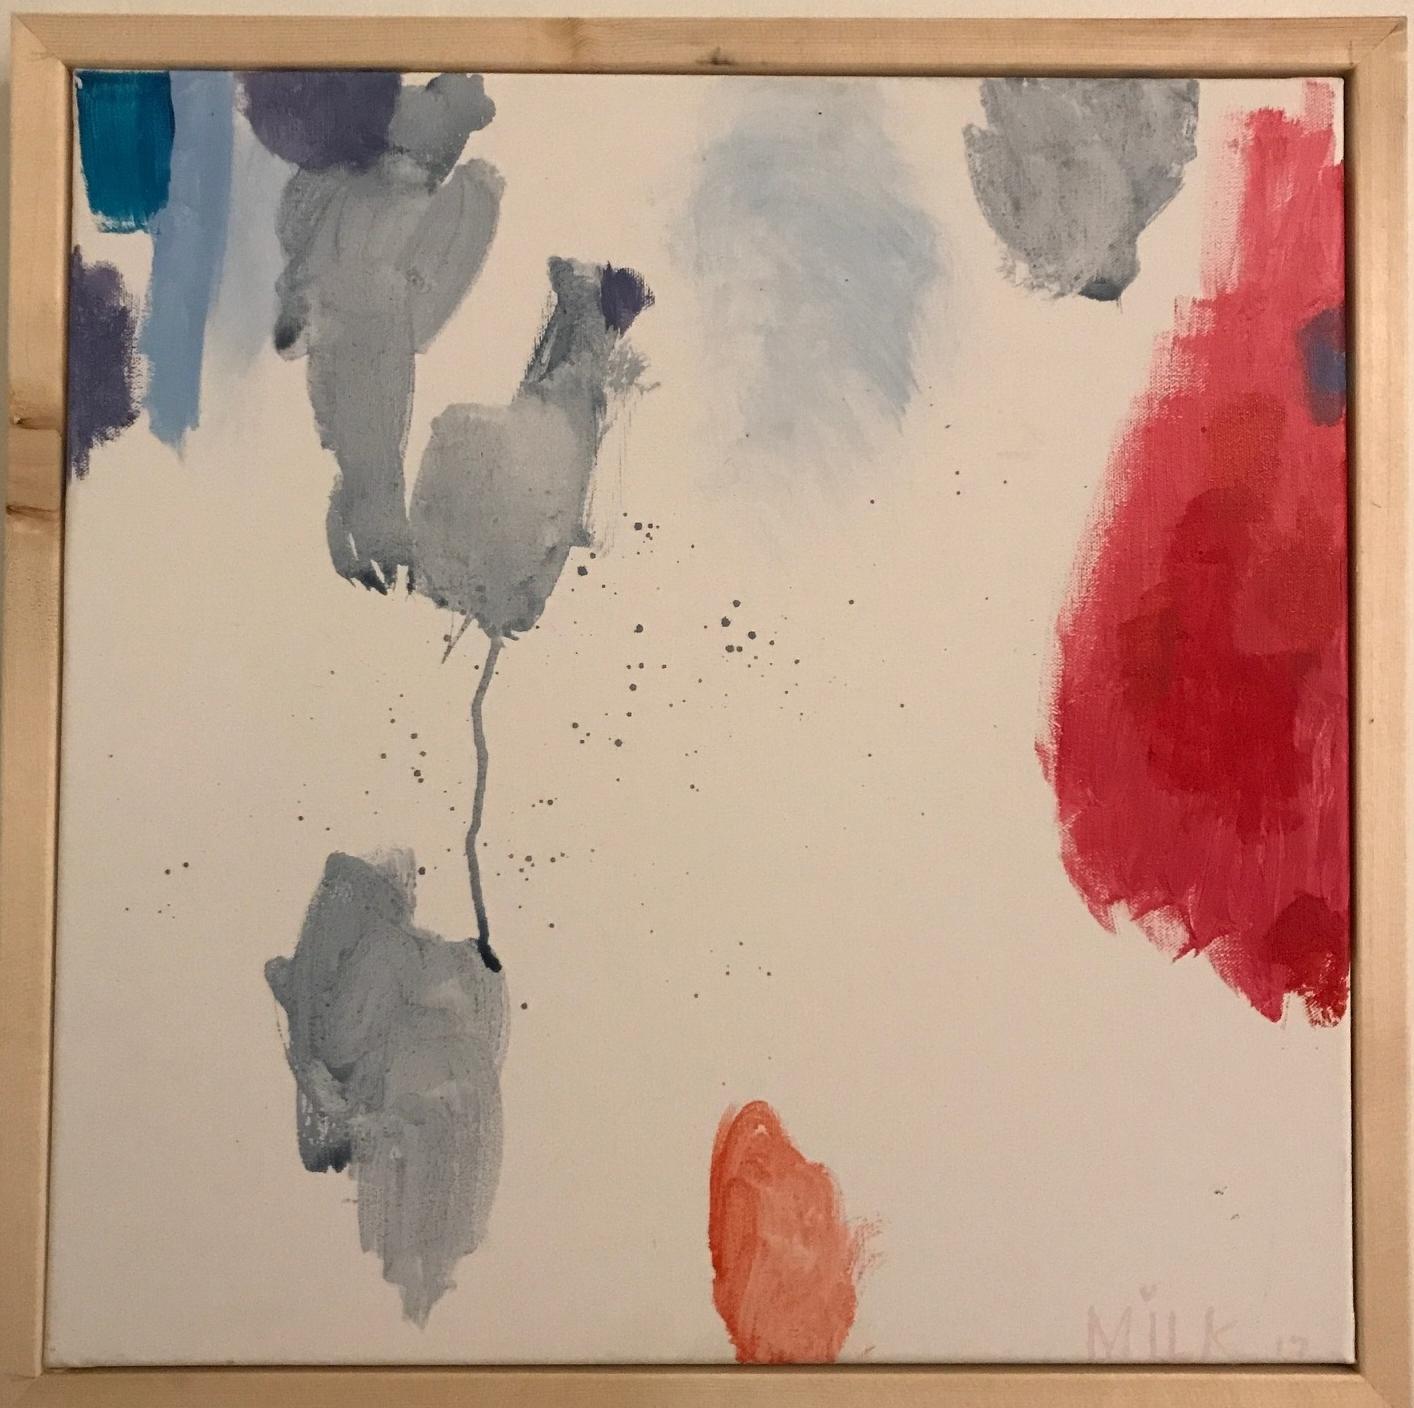 Summer, framed acrylic on canvas 18x18